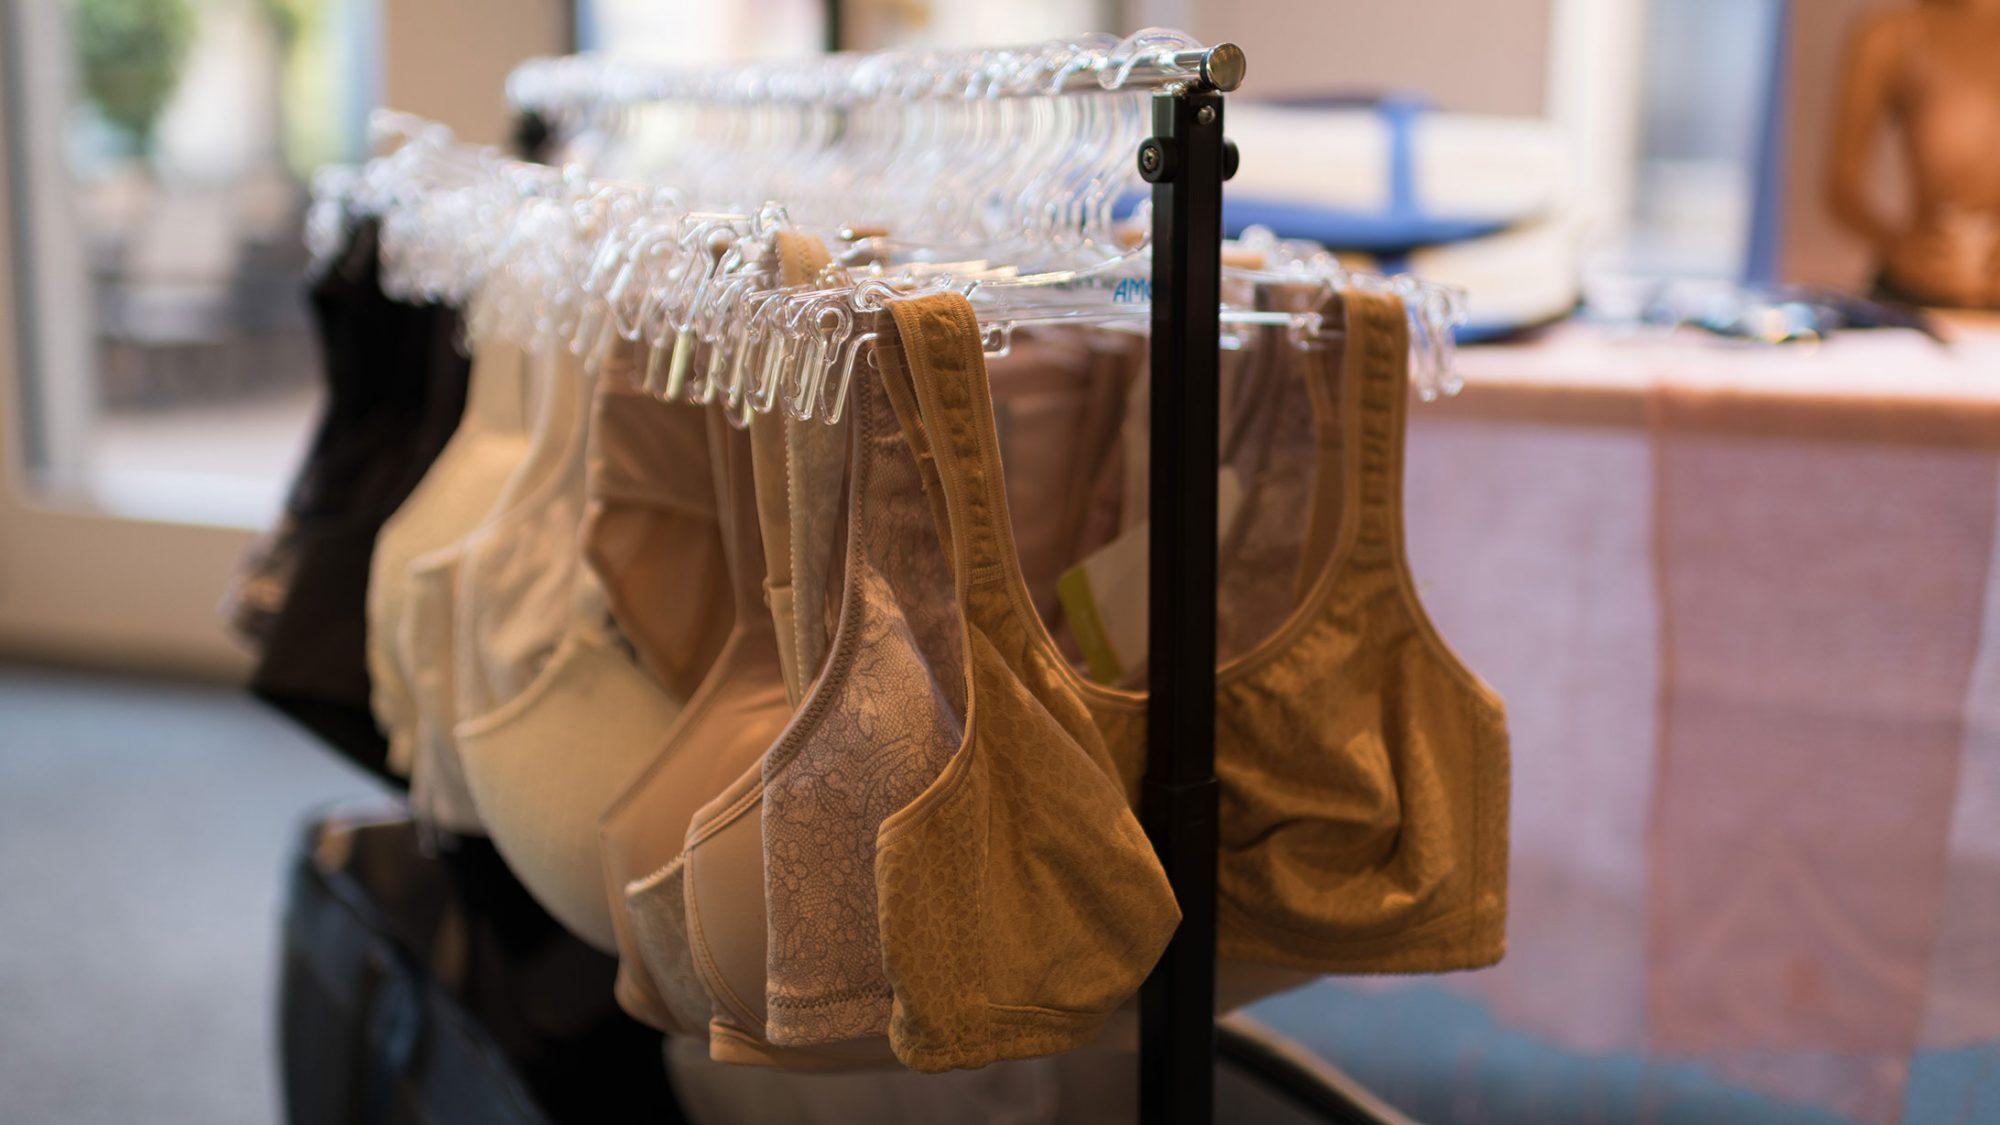 Brustkrebs: Unterwäsche für brustoperierte Frauen.